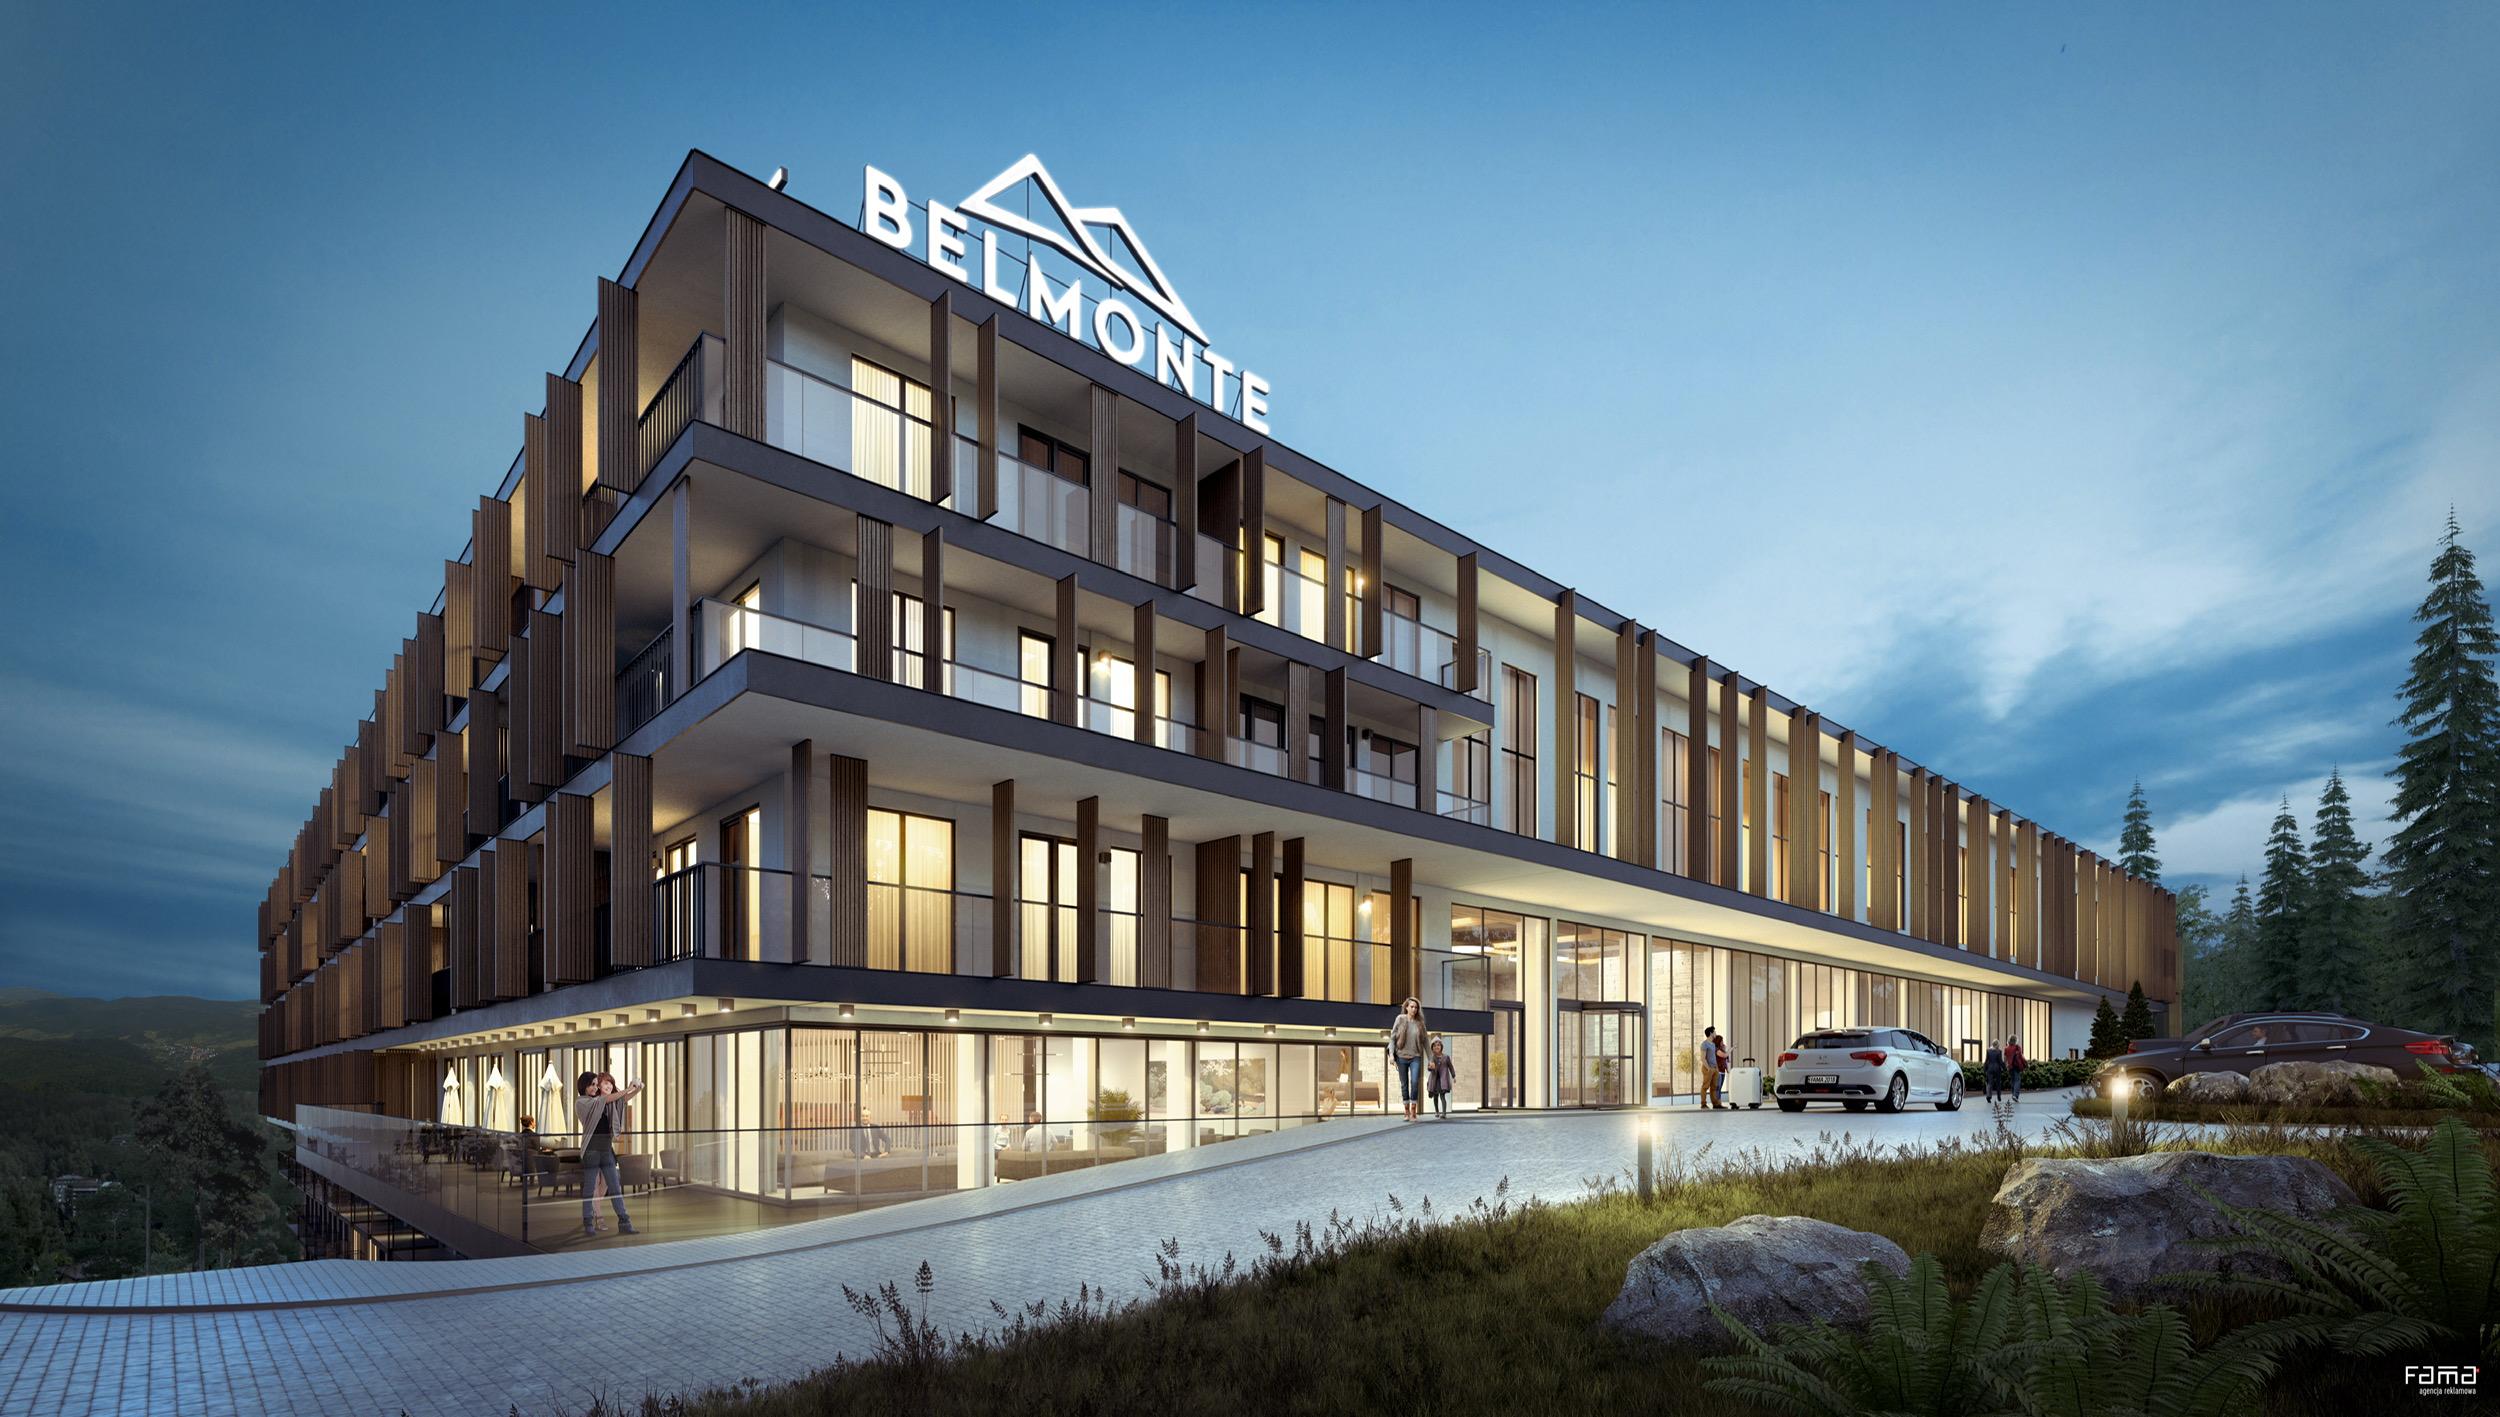 Konsorcjum spółek Eiffage wybuduje Belmonte Hotel & Resort – pierwszy pięciogwiazdkowy hotel wKrynicy-Zdroju